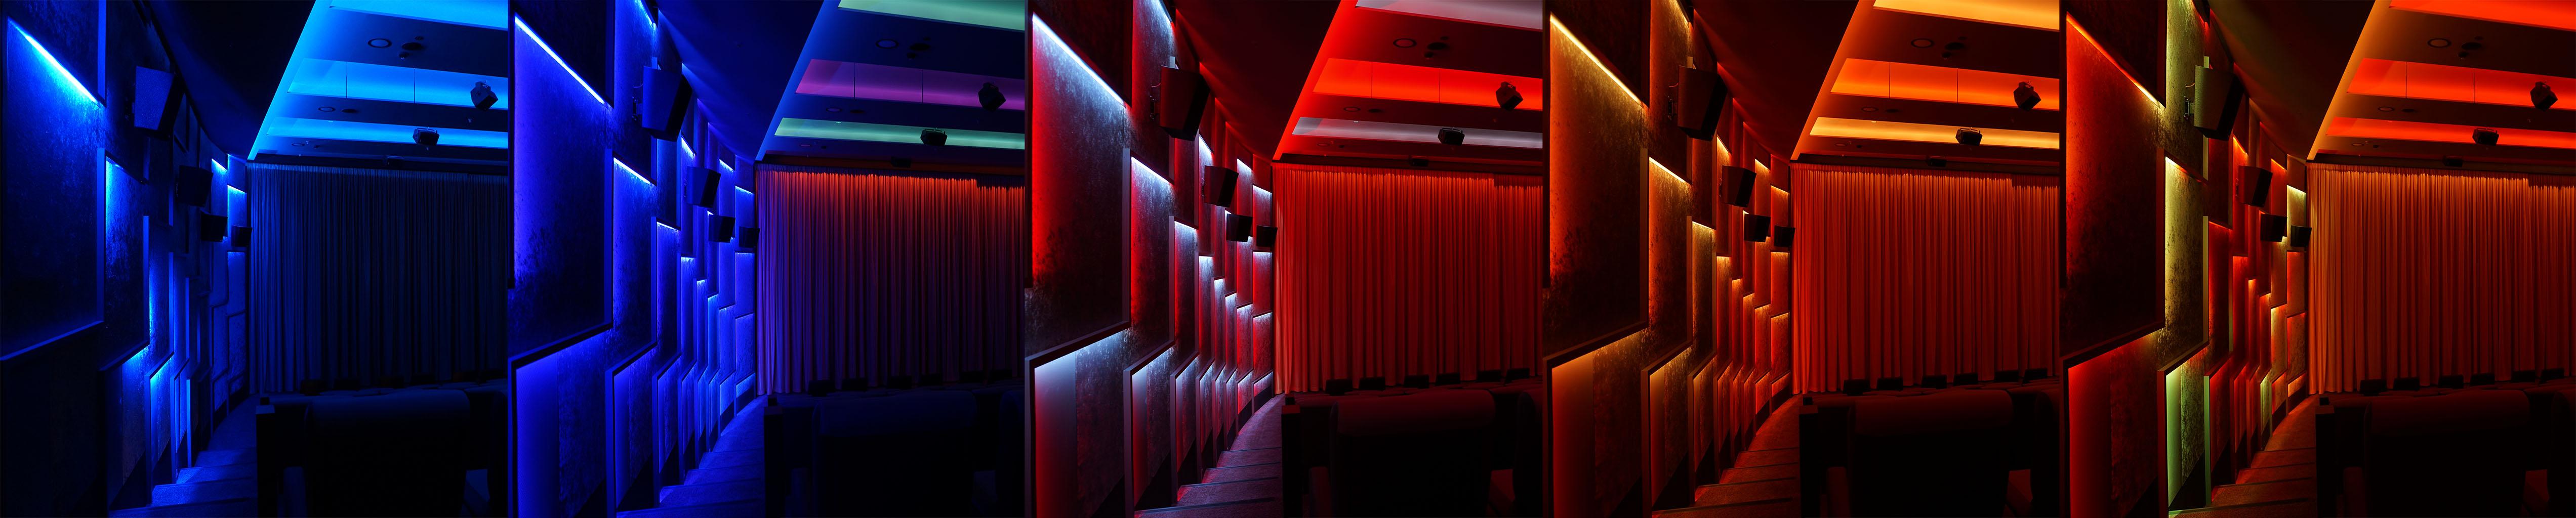 Astor Filmlounge - Saal 2 03